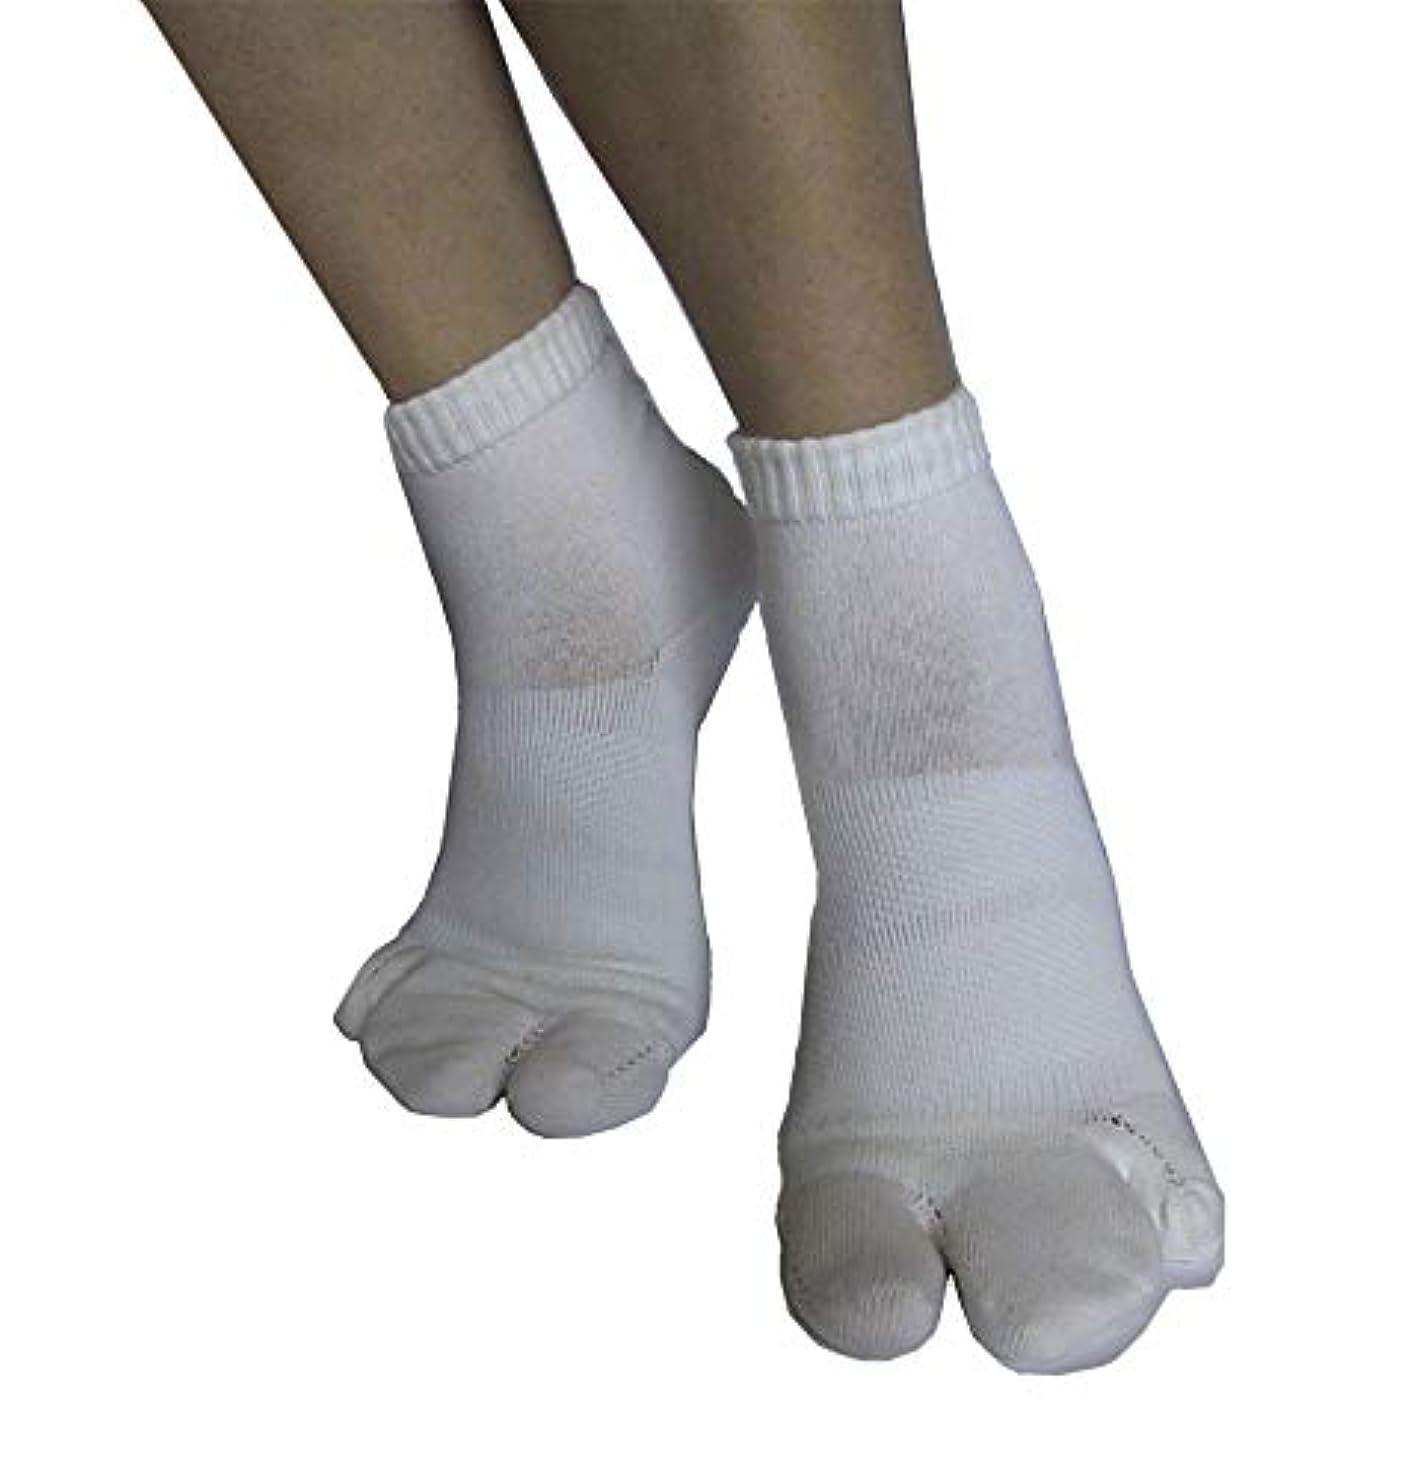 クロニクルジャンピングジャック灌漑カサハラ式サポーター ホソックス3本指テーピング靴下  ホワイト L25-26cm